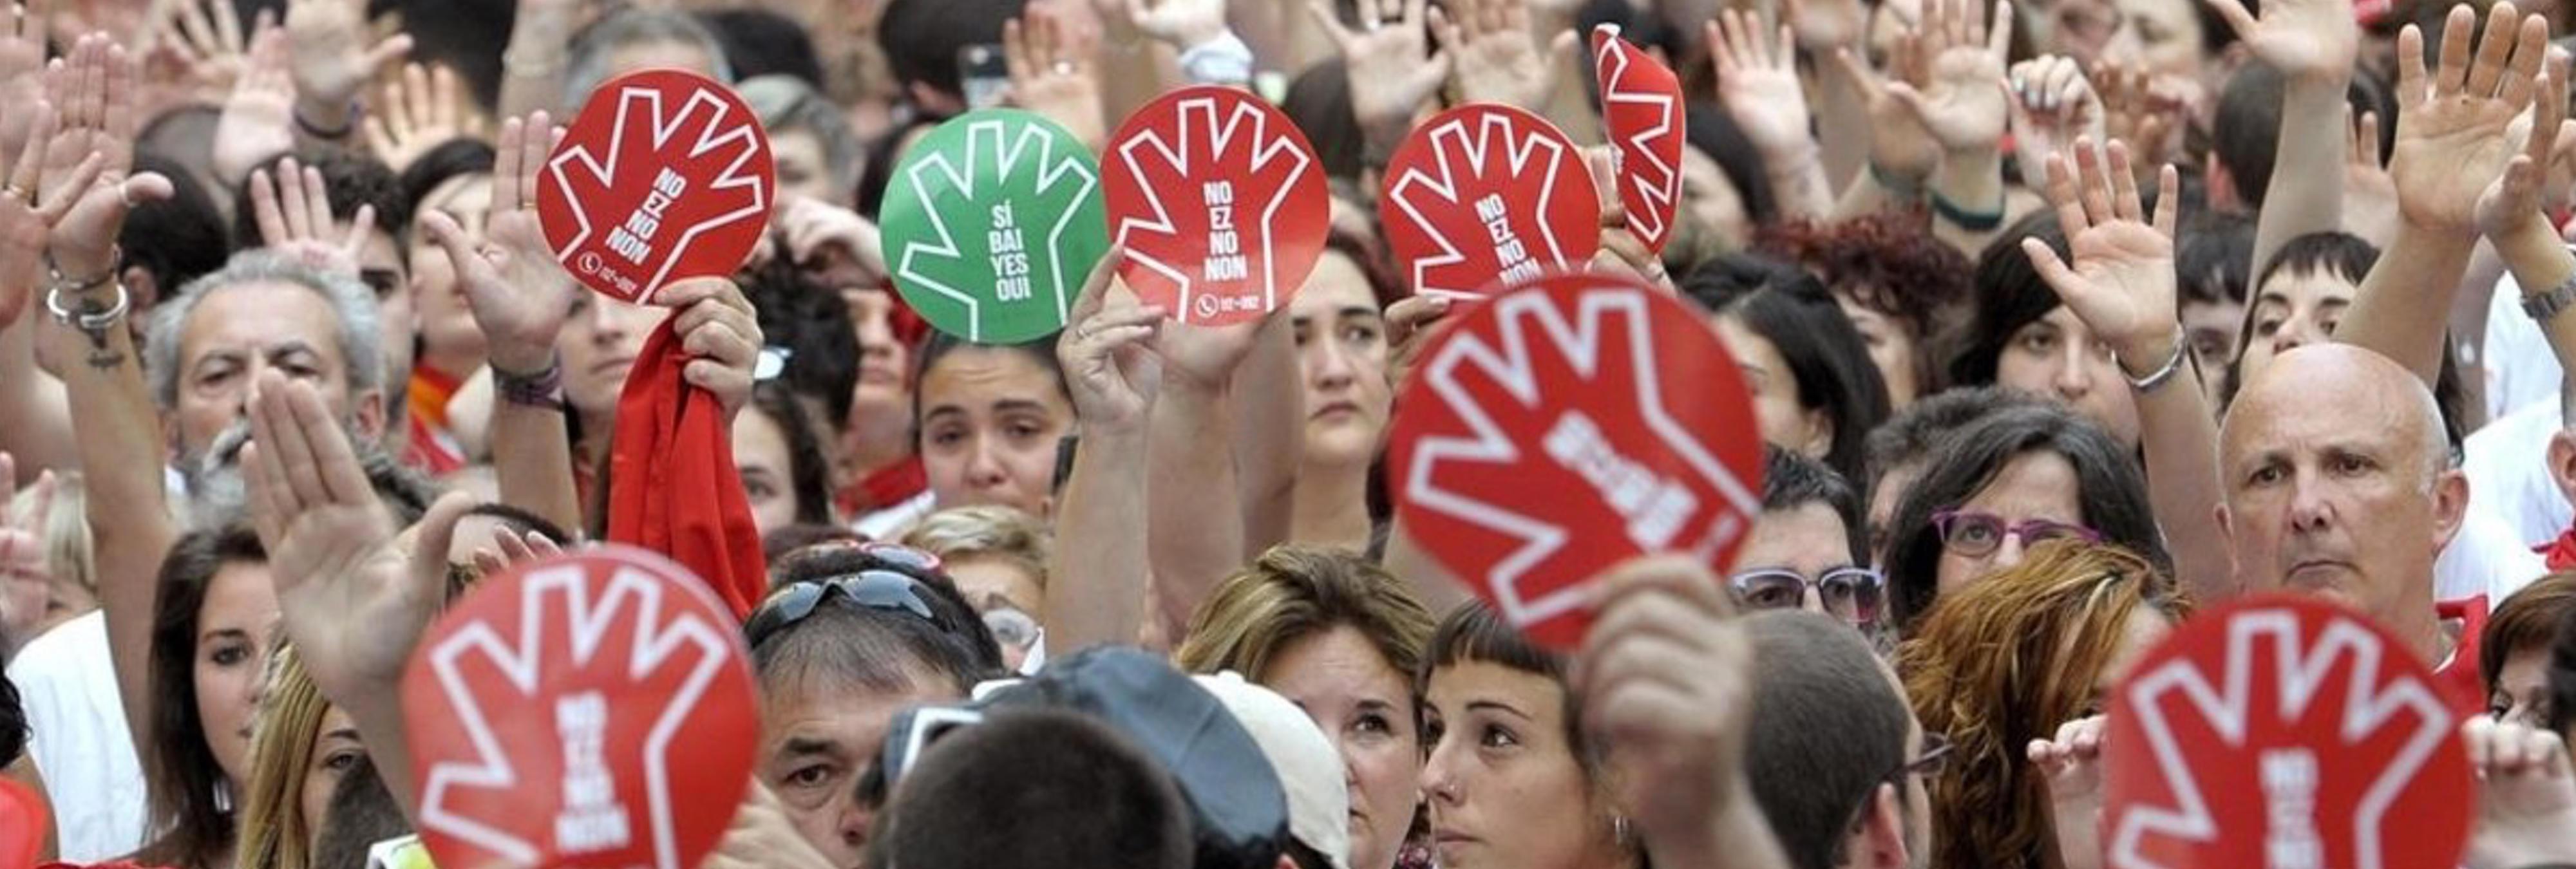 """La joven violada en San Fermín: """"Me obligaron a hacer una felación a cada uno y luego me penetraron los cuatro"""""""